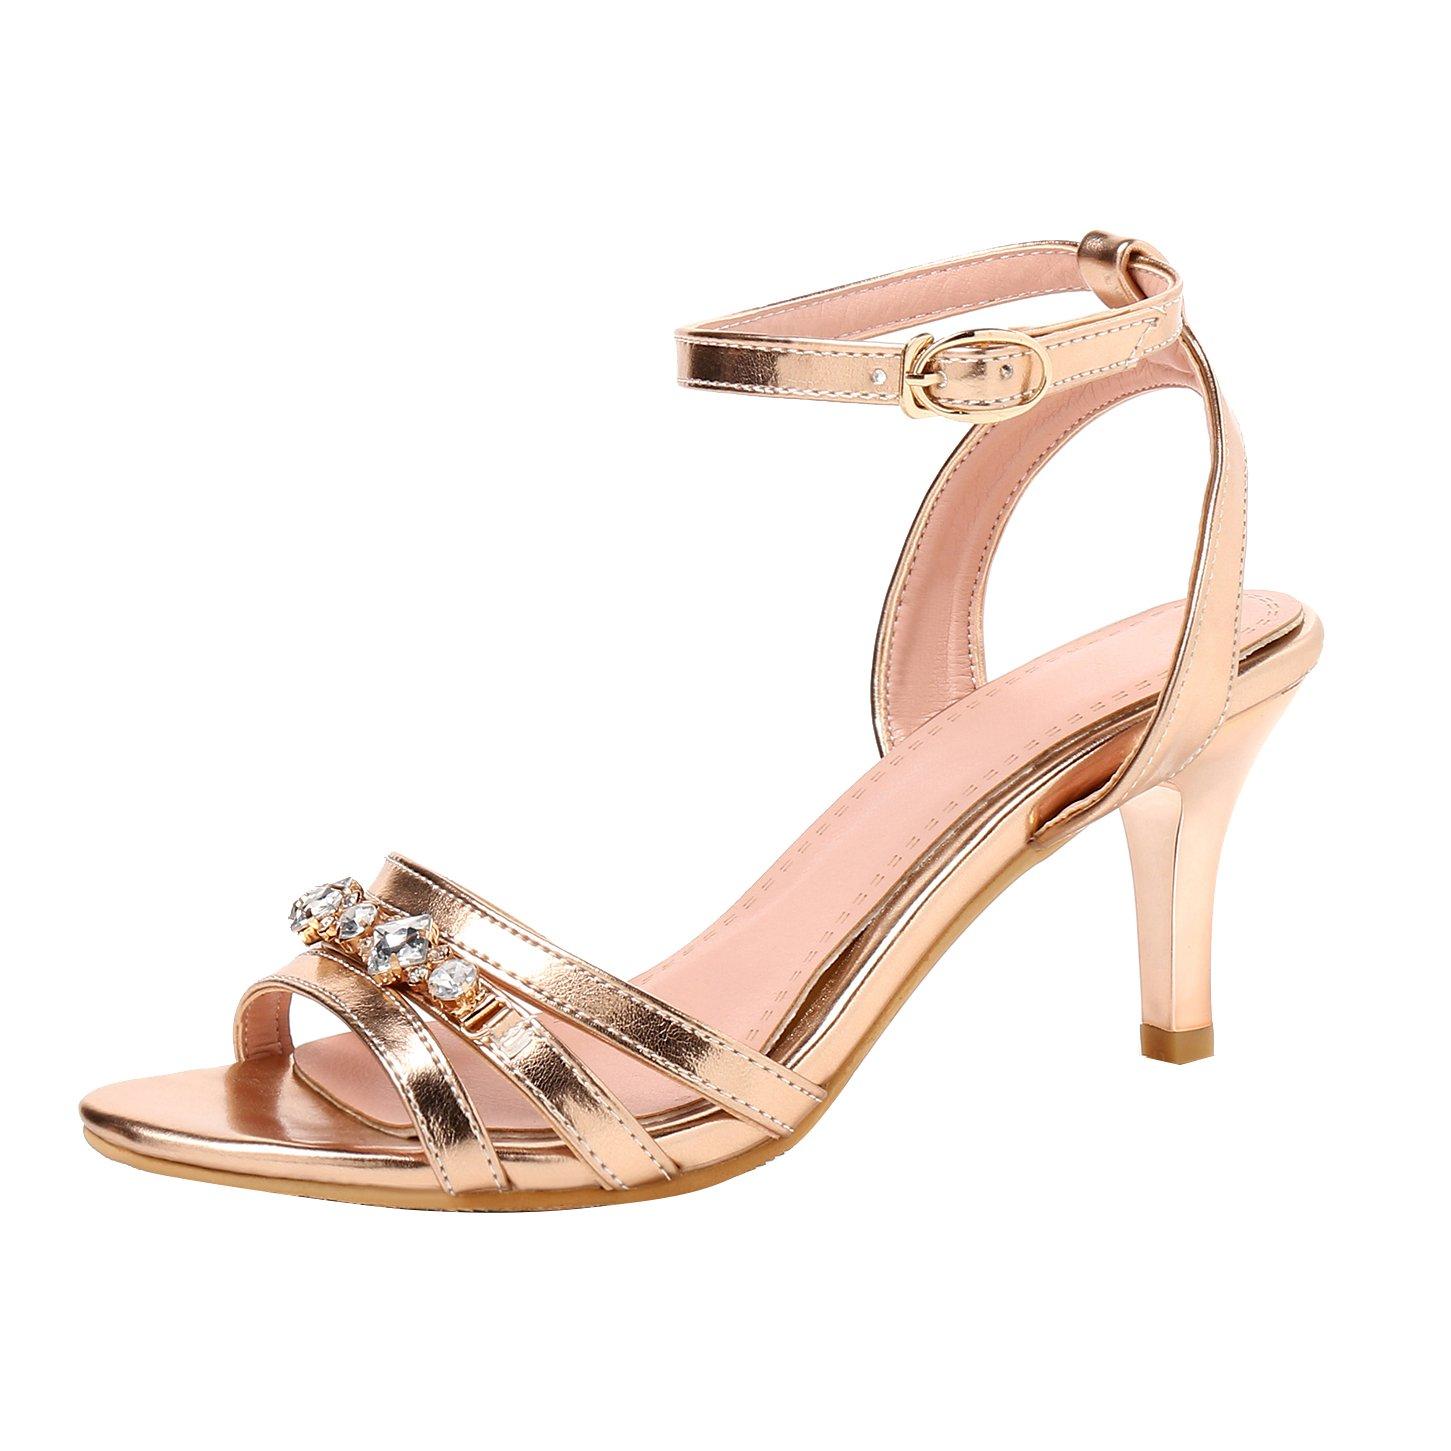 YE Damen Kitten Heels Sandalen mit Riemchen und Glitzer Stiletto High Heels Hochzeit Braut Schuhe  38 EU|Gold